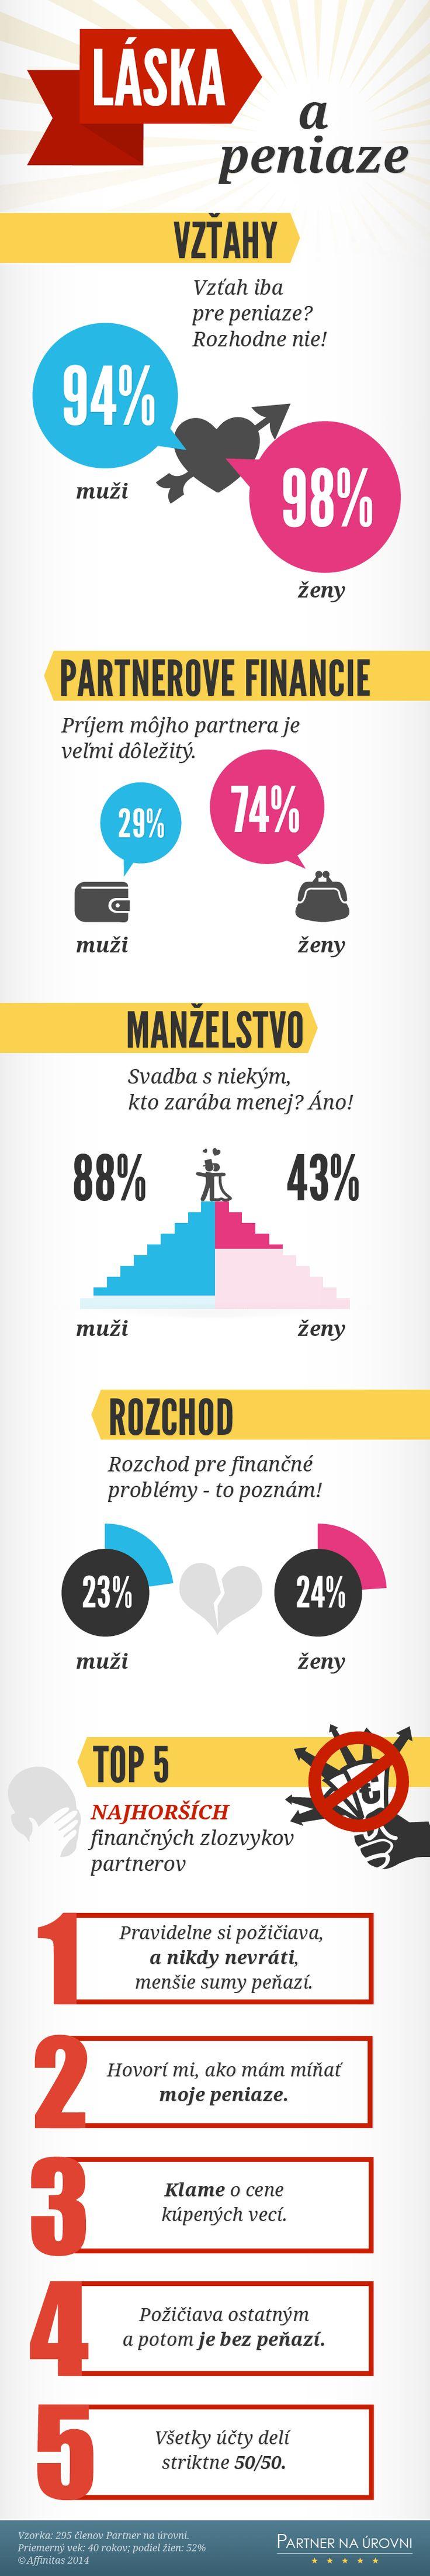 #infografiky #drahý #peniaze LÁSKA a peniaze - PARTNEROVE FINANCIE - Vzorka: 295 členov Partner na úrovni. Priemerný vek: 40 rokov; podiel žien: 52% © Affinitas 2014